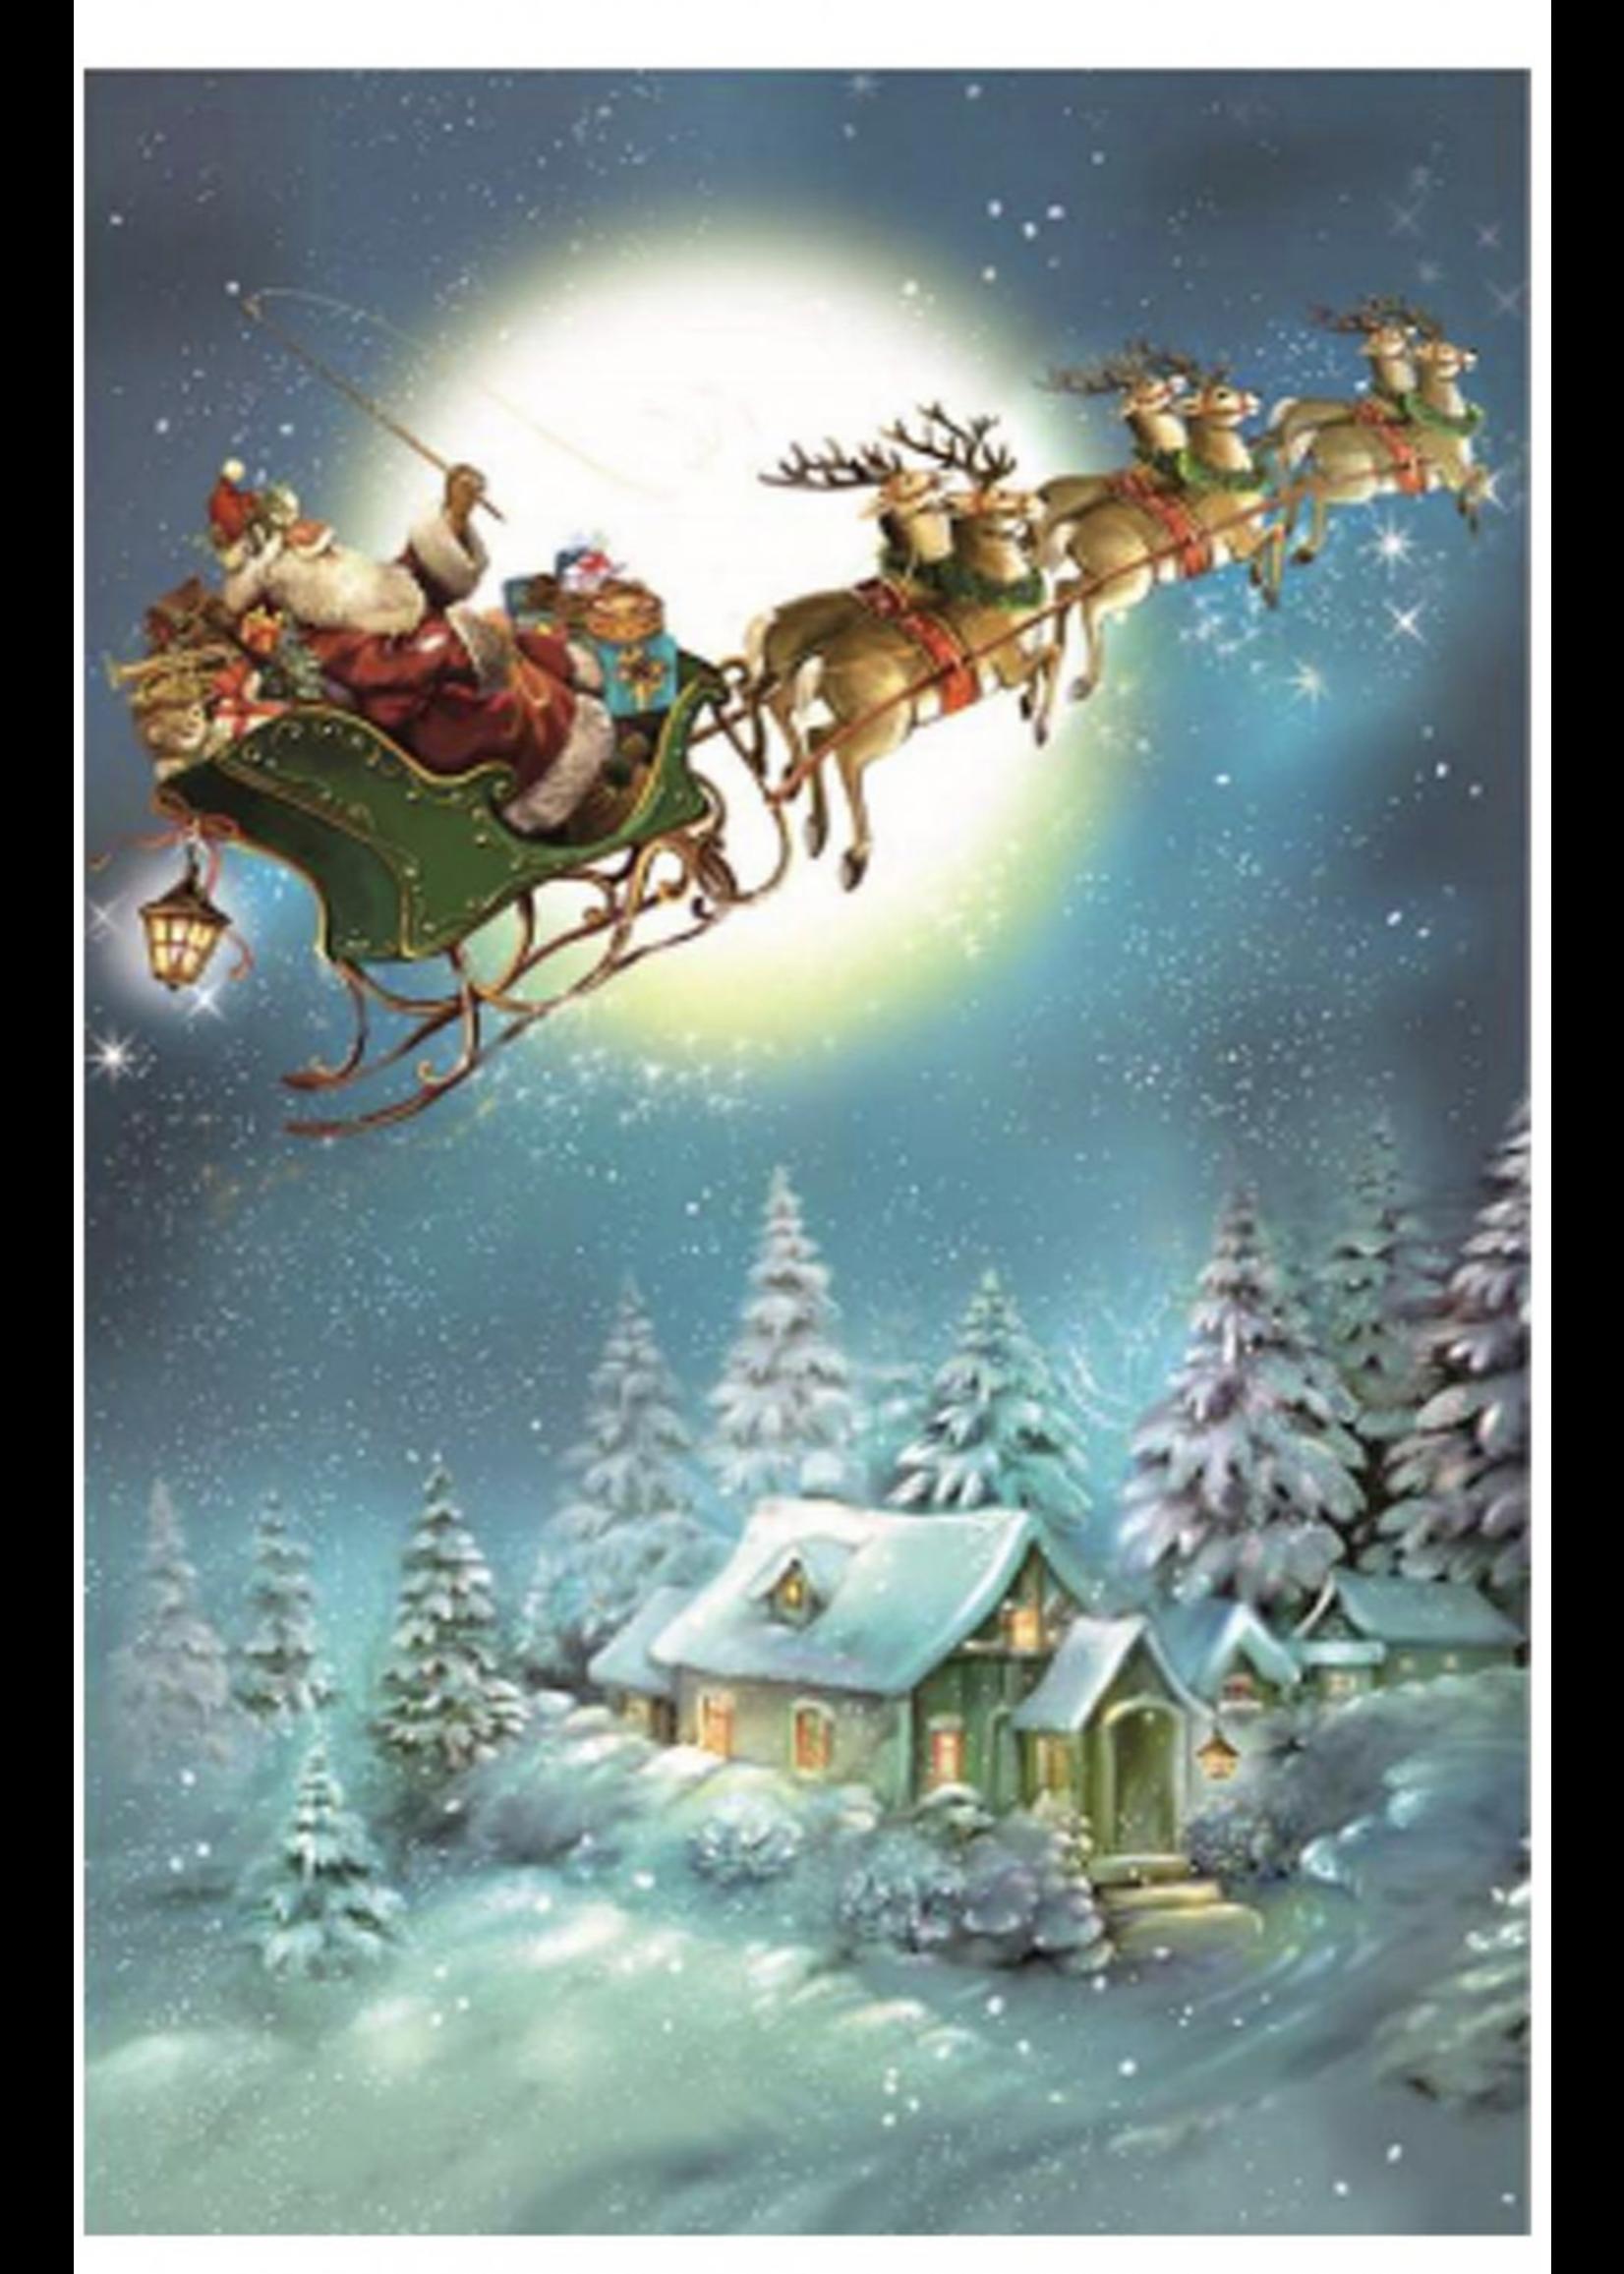 Advent Calendar - Santa with Sleigh & Reindeer